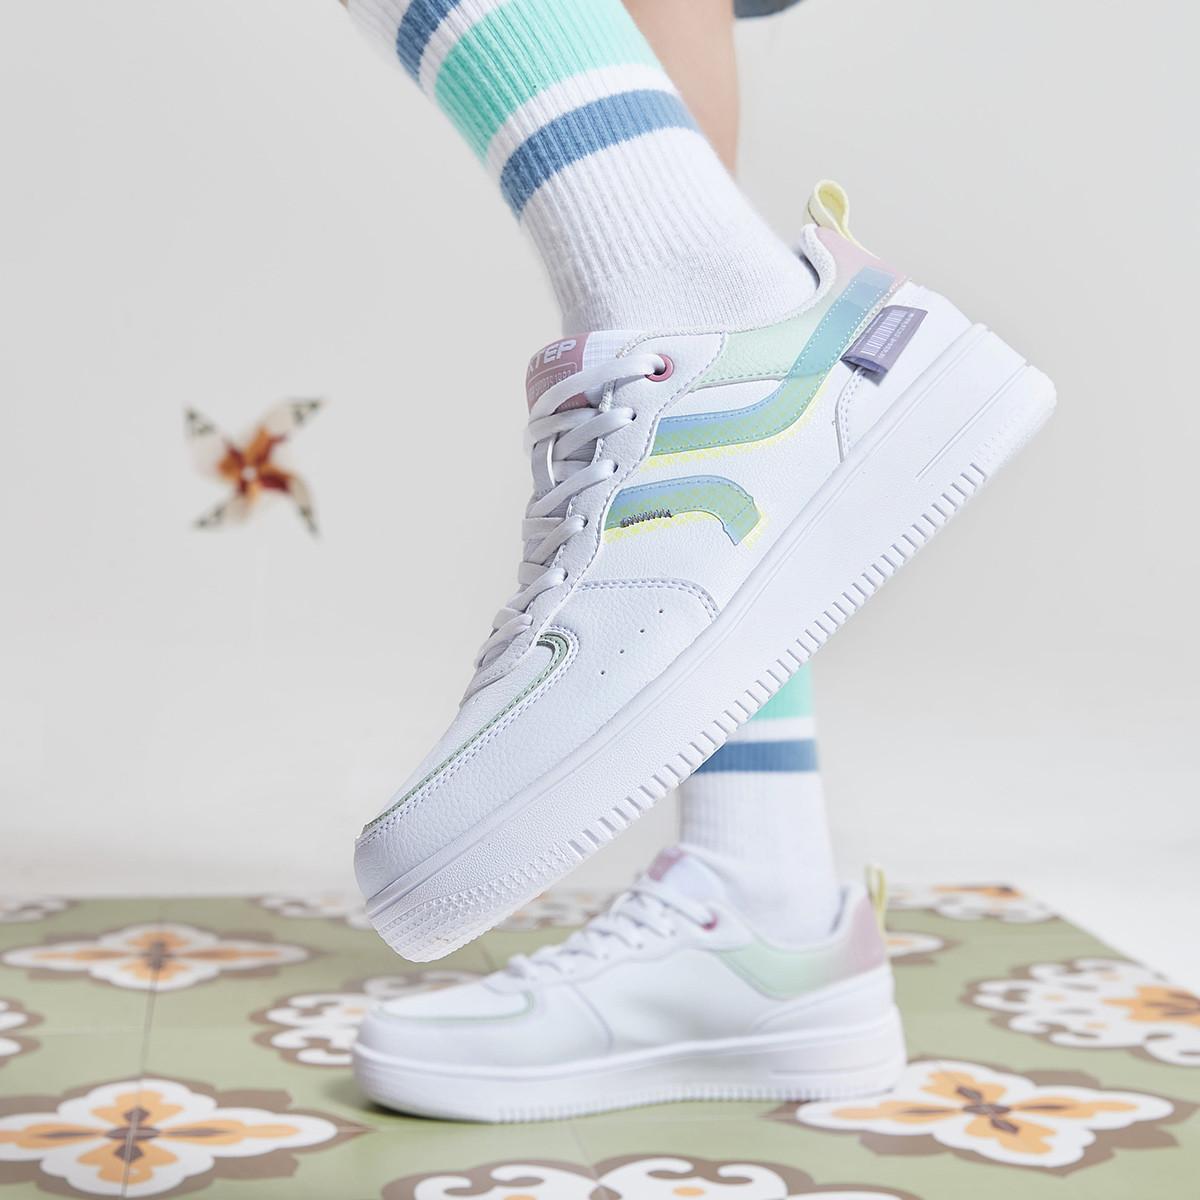 特步2021年新品 学院风板鞋马卡龙色小清新女款休闲运动鞋